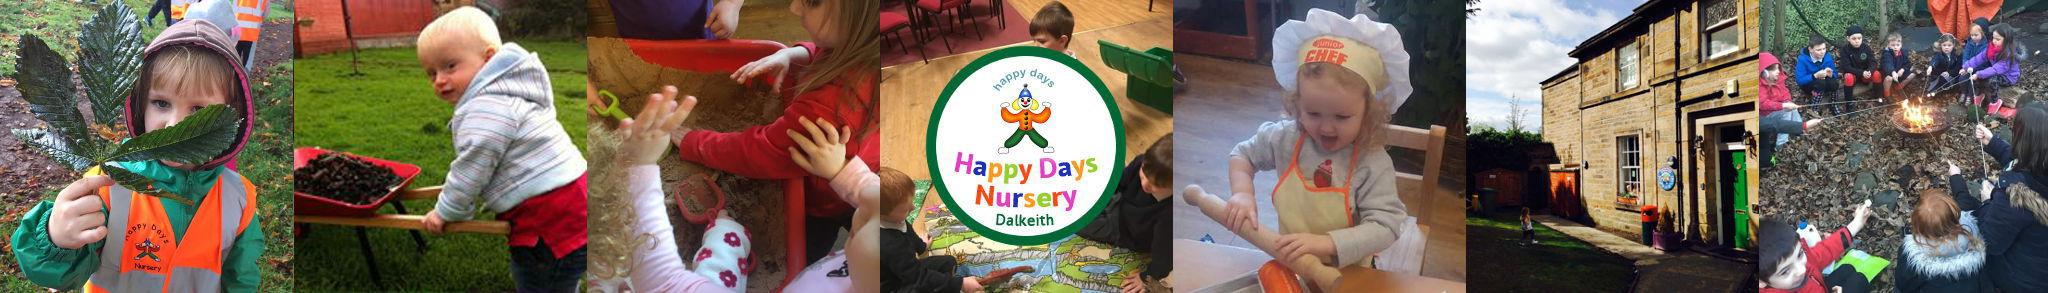 Happy Days Nursery Dalkeith